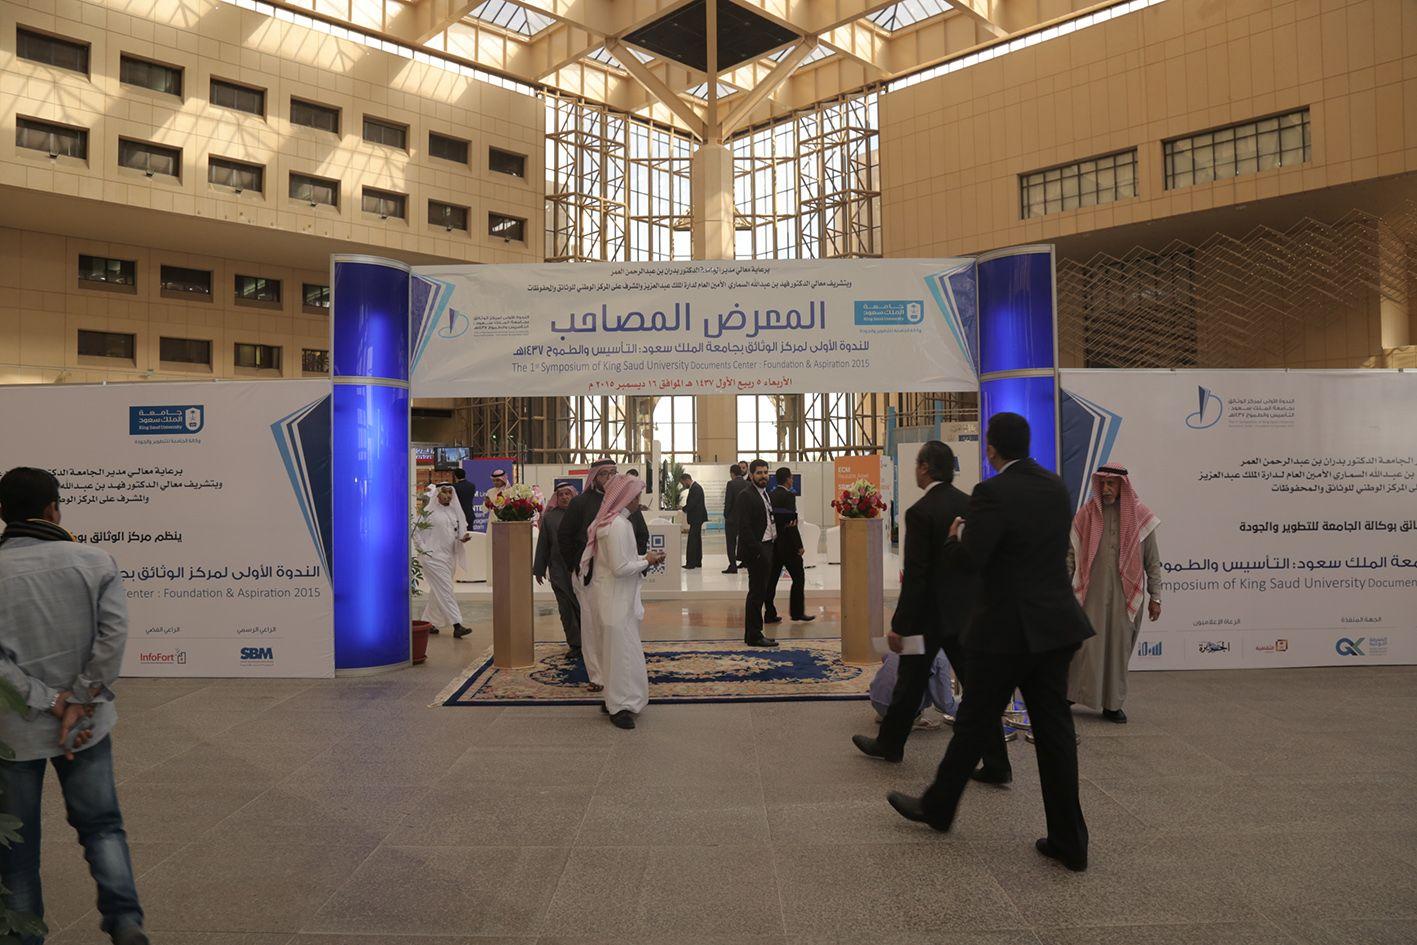 تدريب طلاب جامعة حمد بن خليفة على تقنية المعلومات